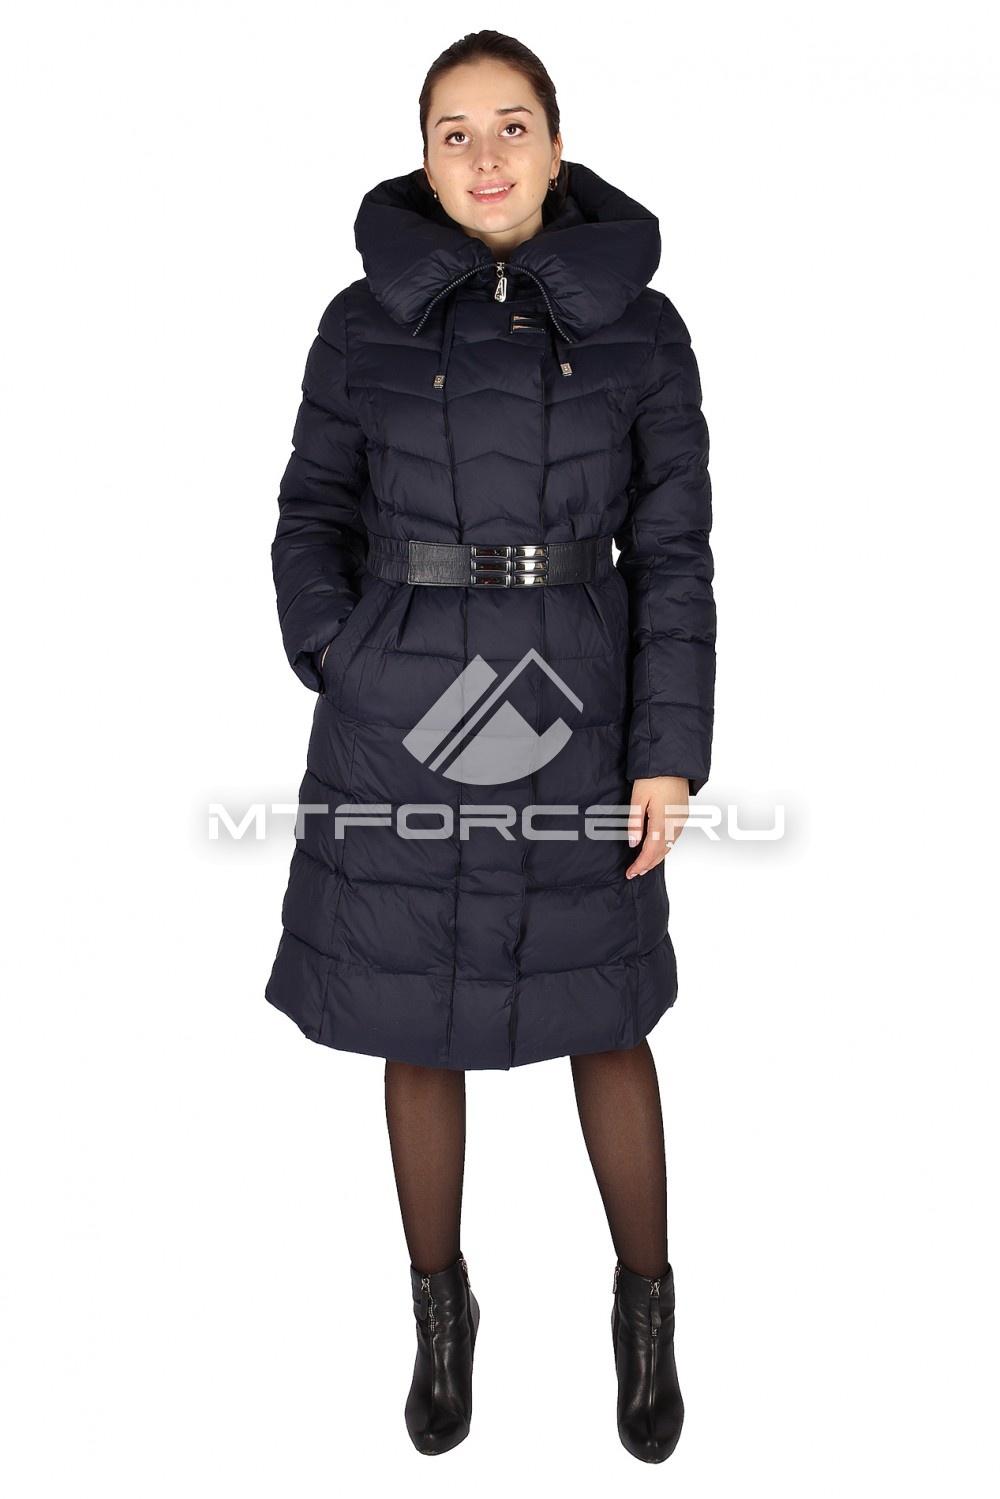 Бафф одежда зимняя